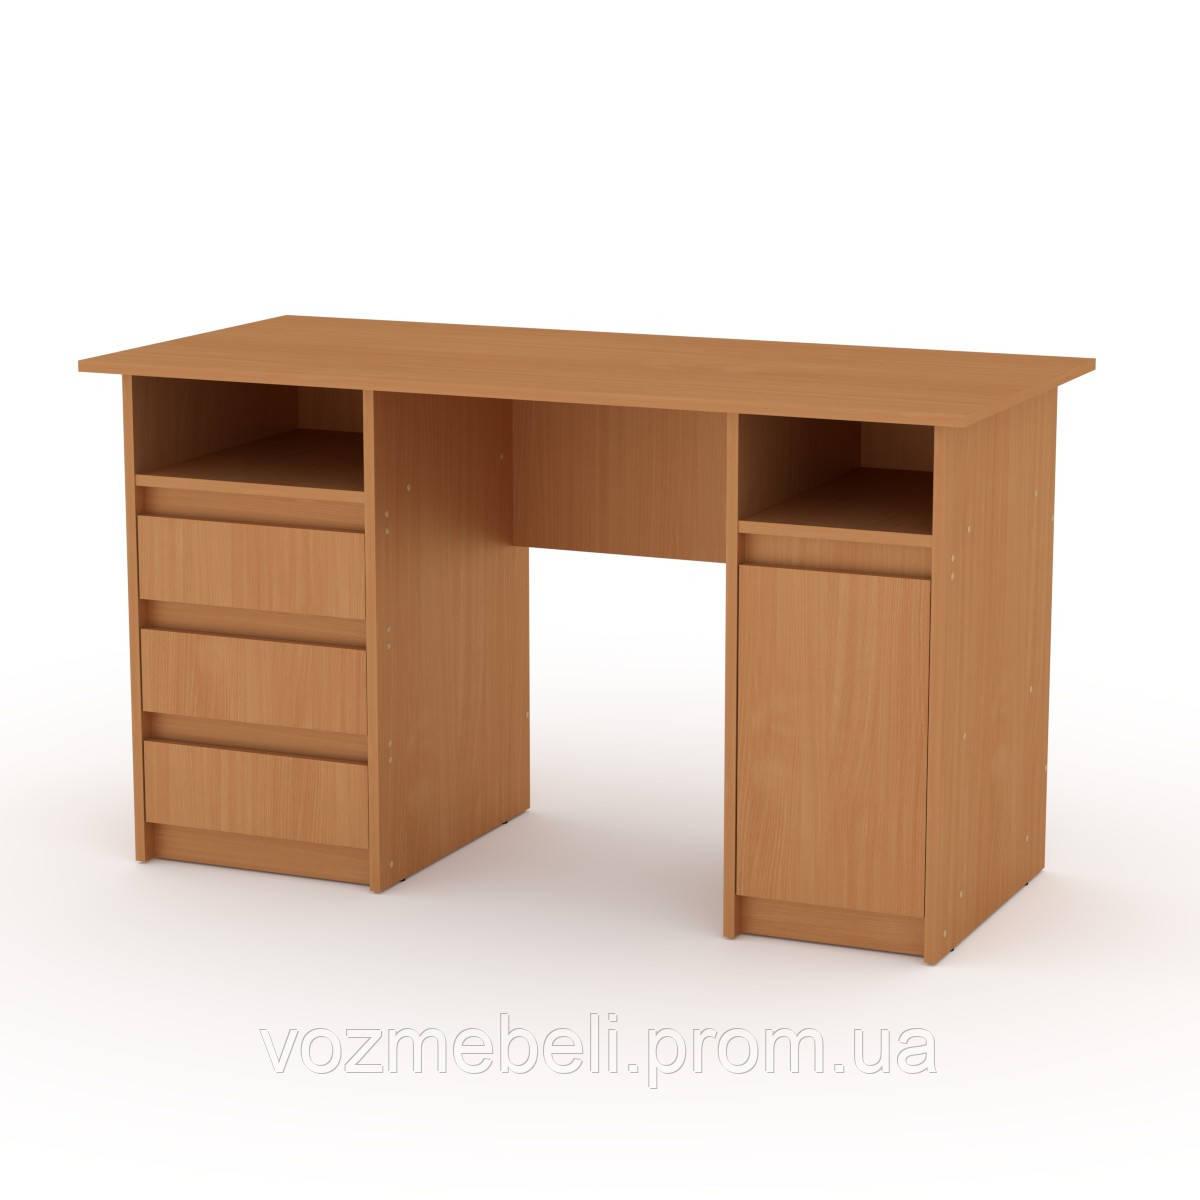 Стол письменный Декан-2 (Компанит)